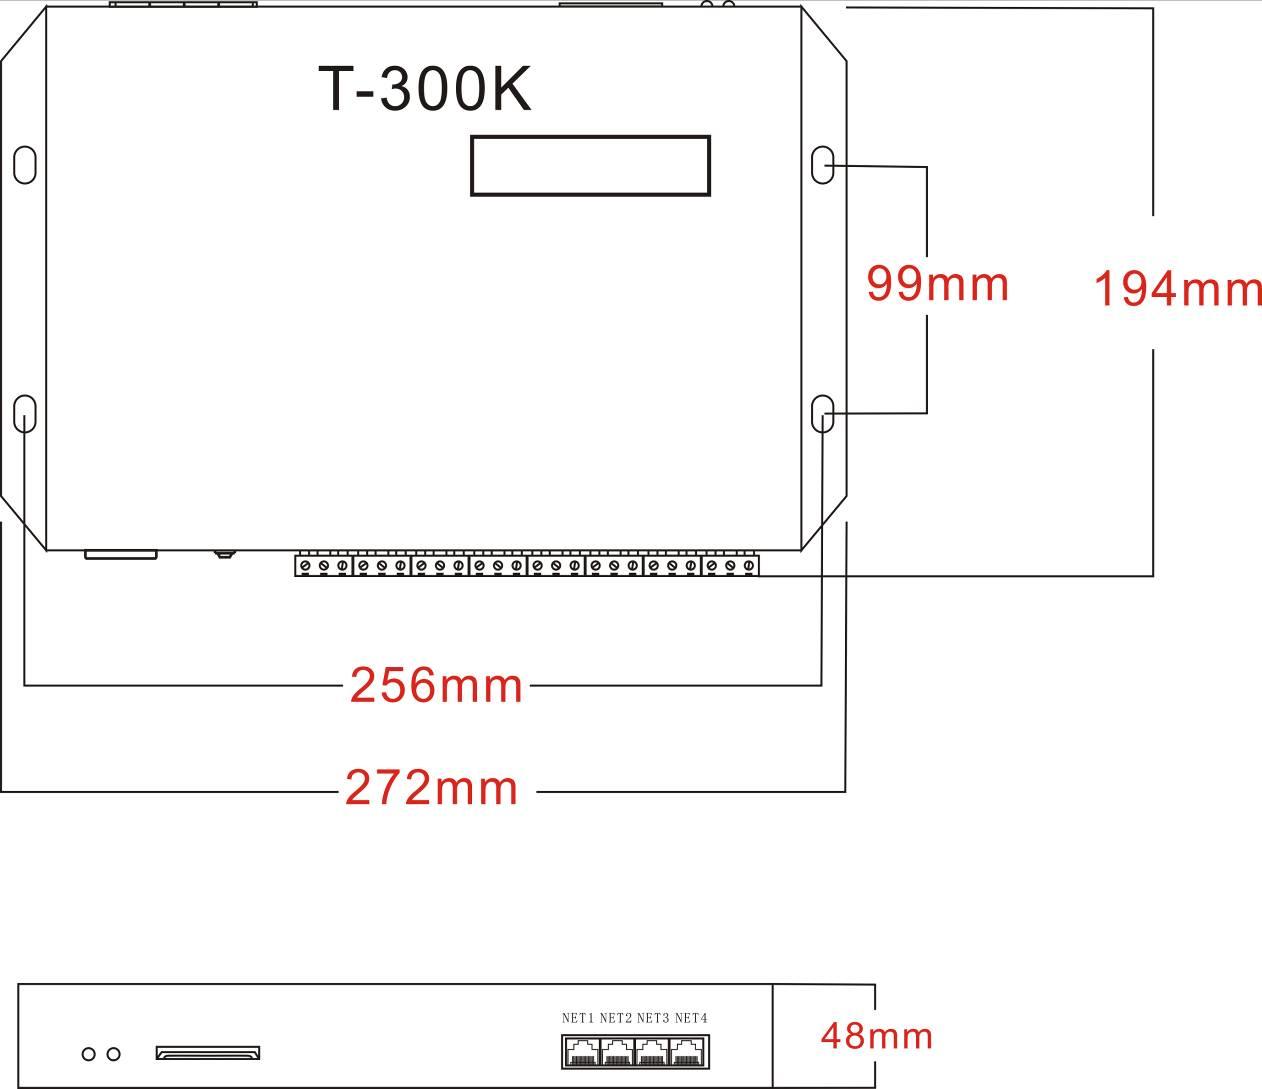 魔灯T-300K幻彩LED控制器简介